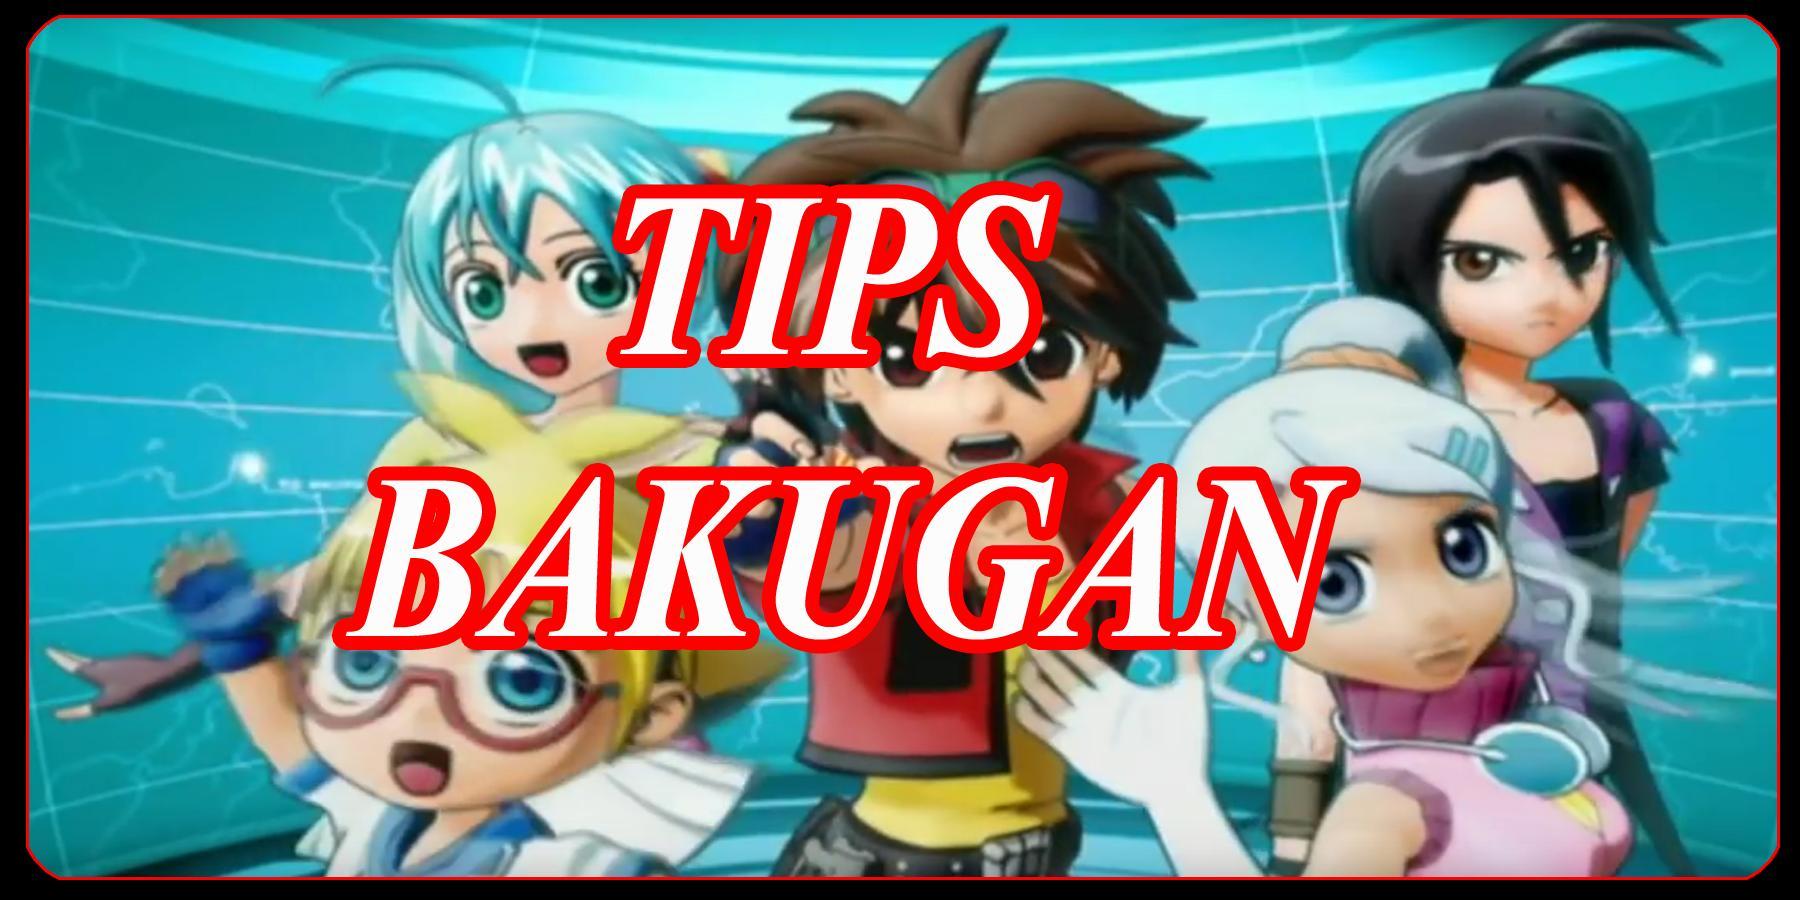 Bakugan 9